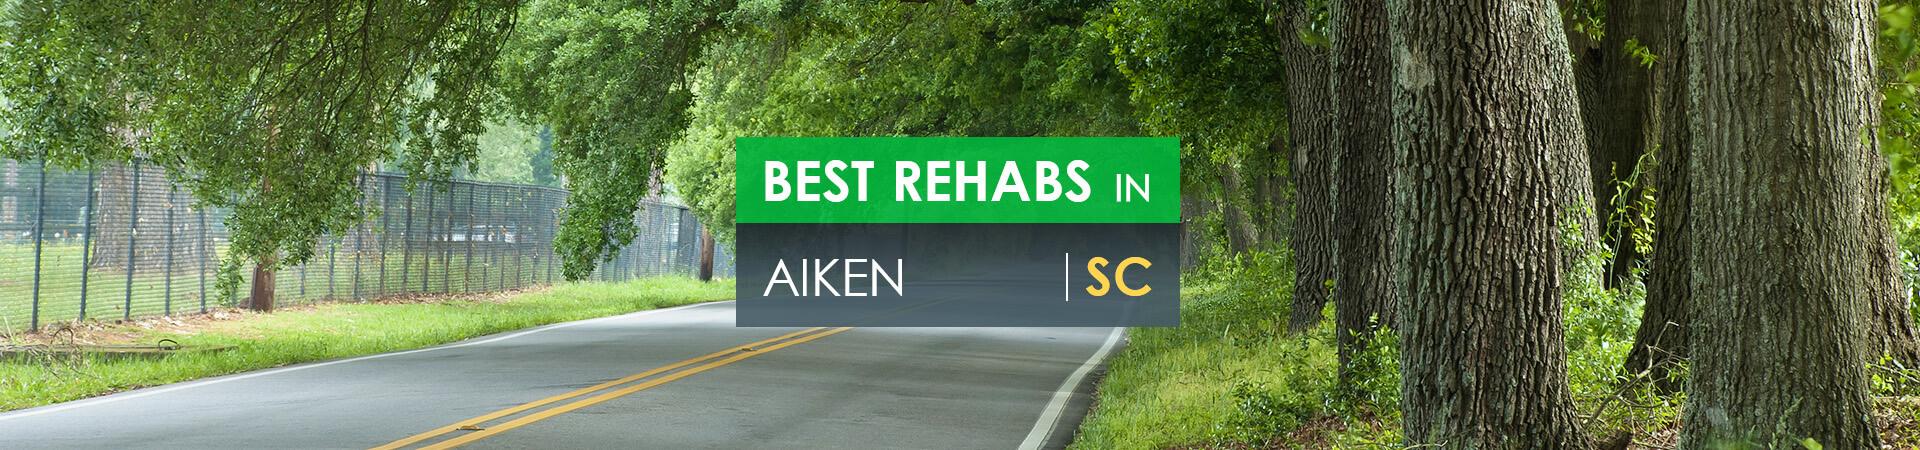 Best rehabs in Aiken, SC